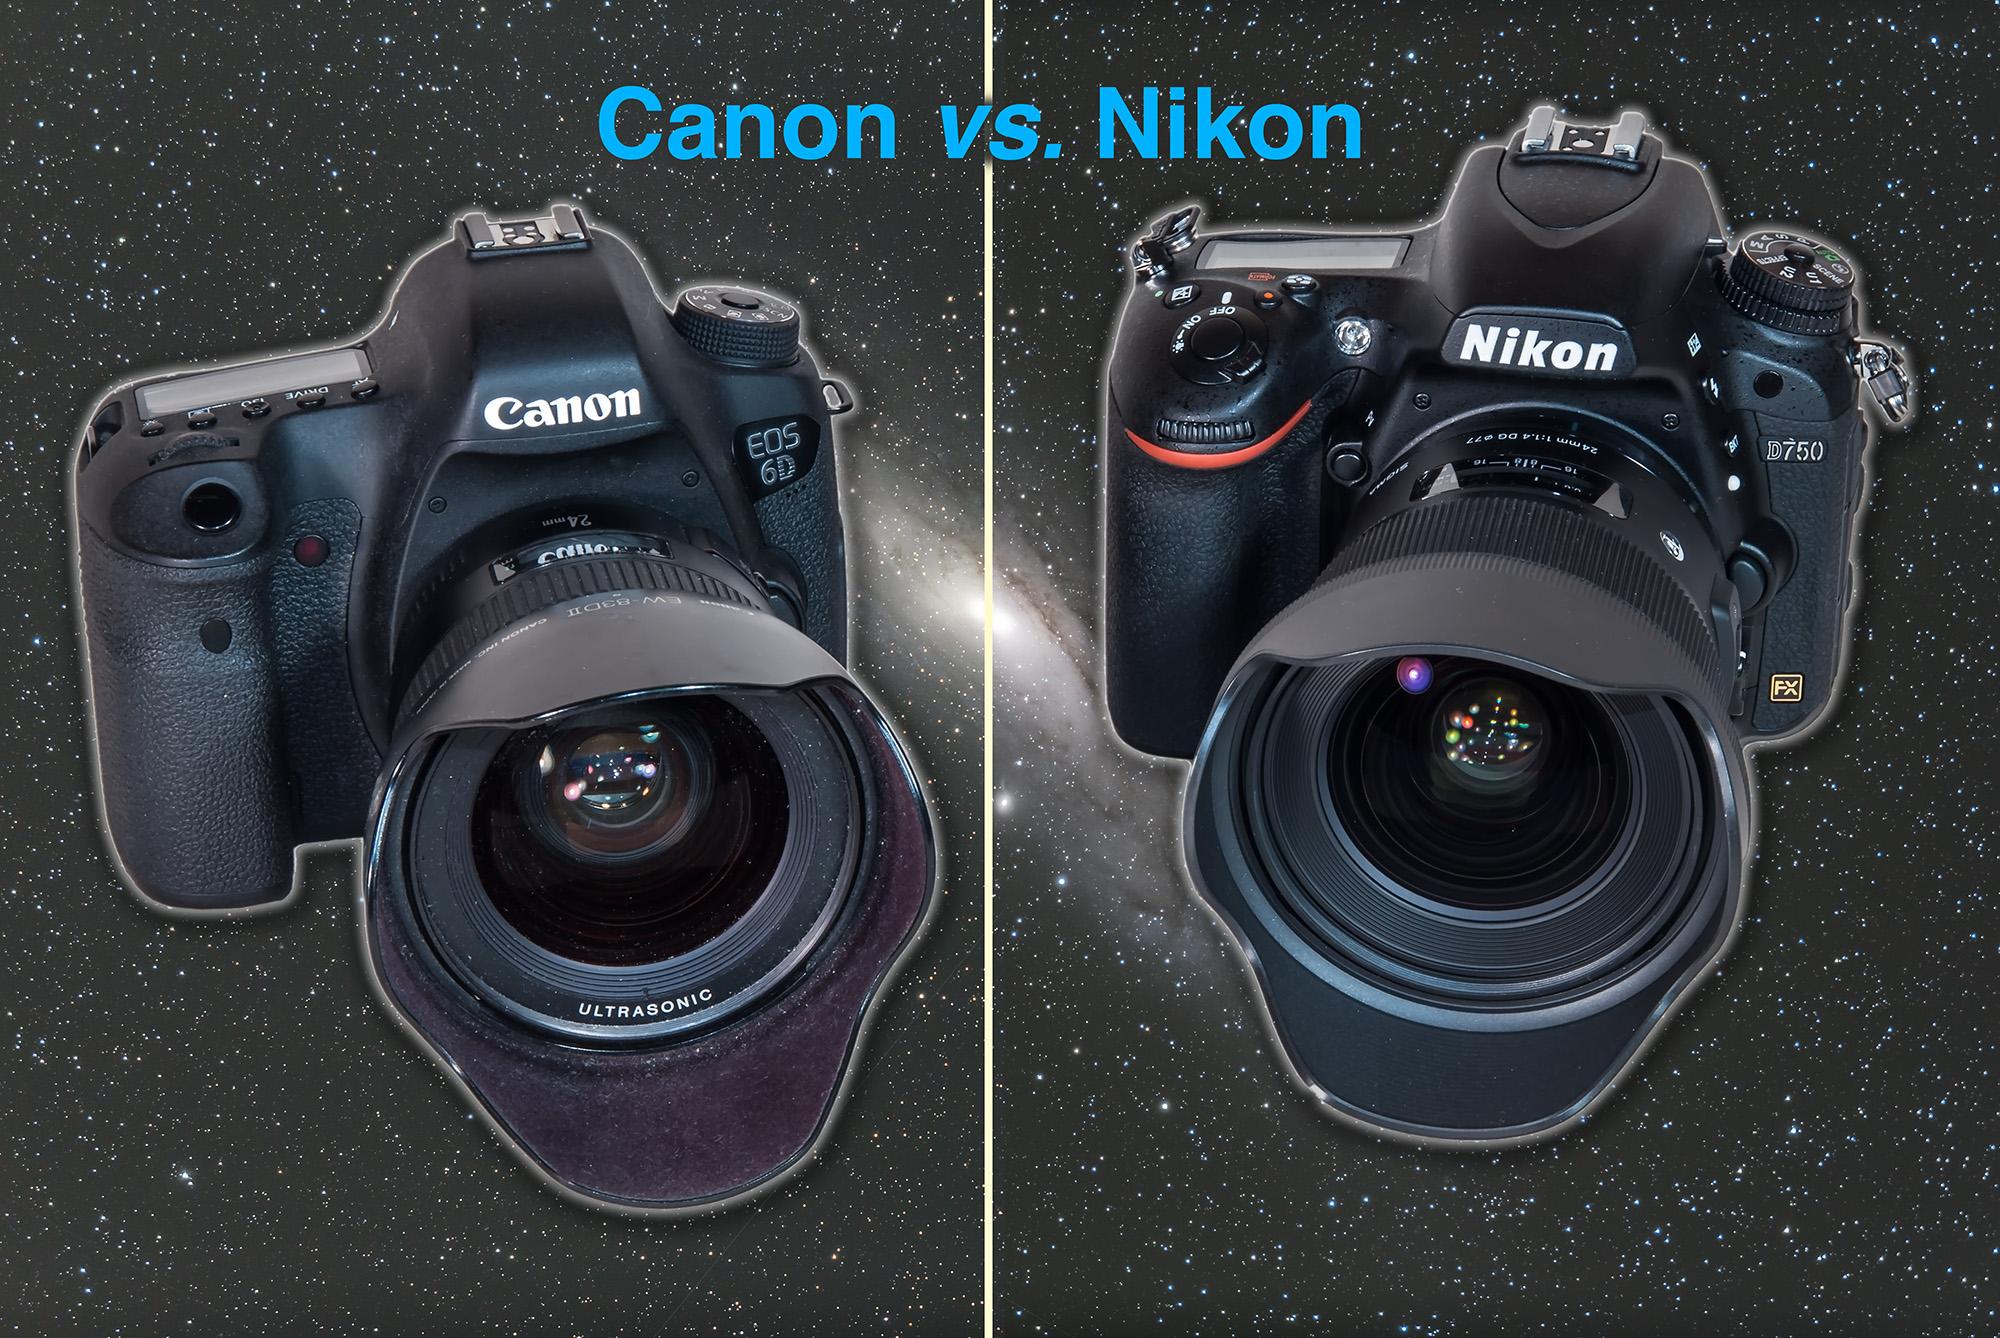 Canon vs Nikon comparison